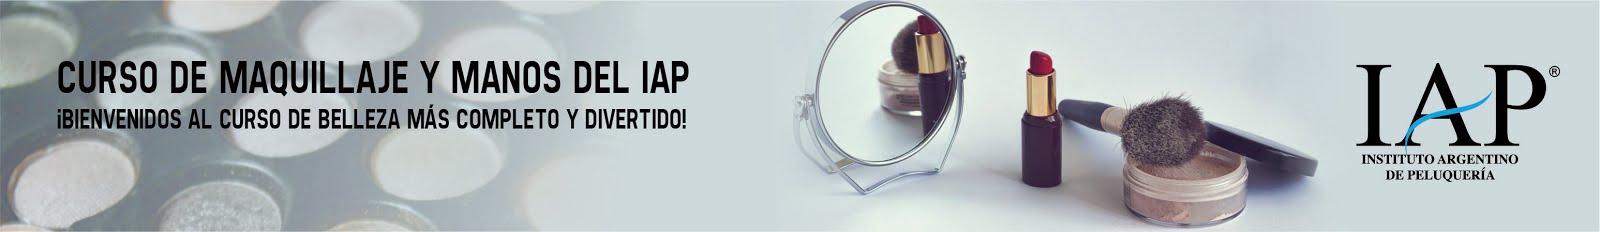 Curso de Maquillaje Y Manos del IAP